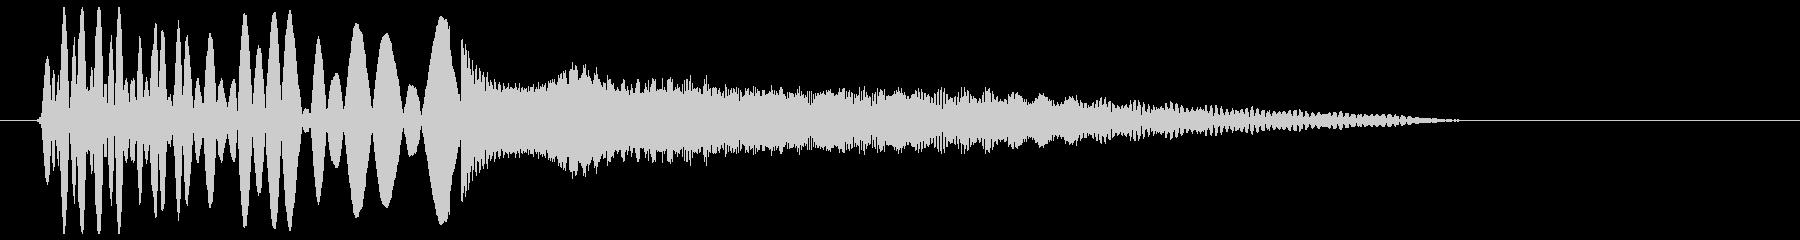 トゥキューン(小ビームが発射された音)の未再生の波形